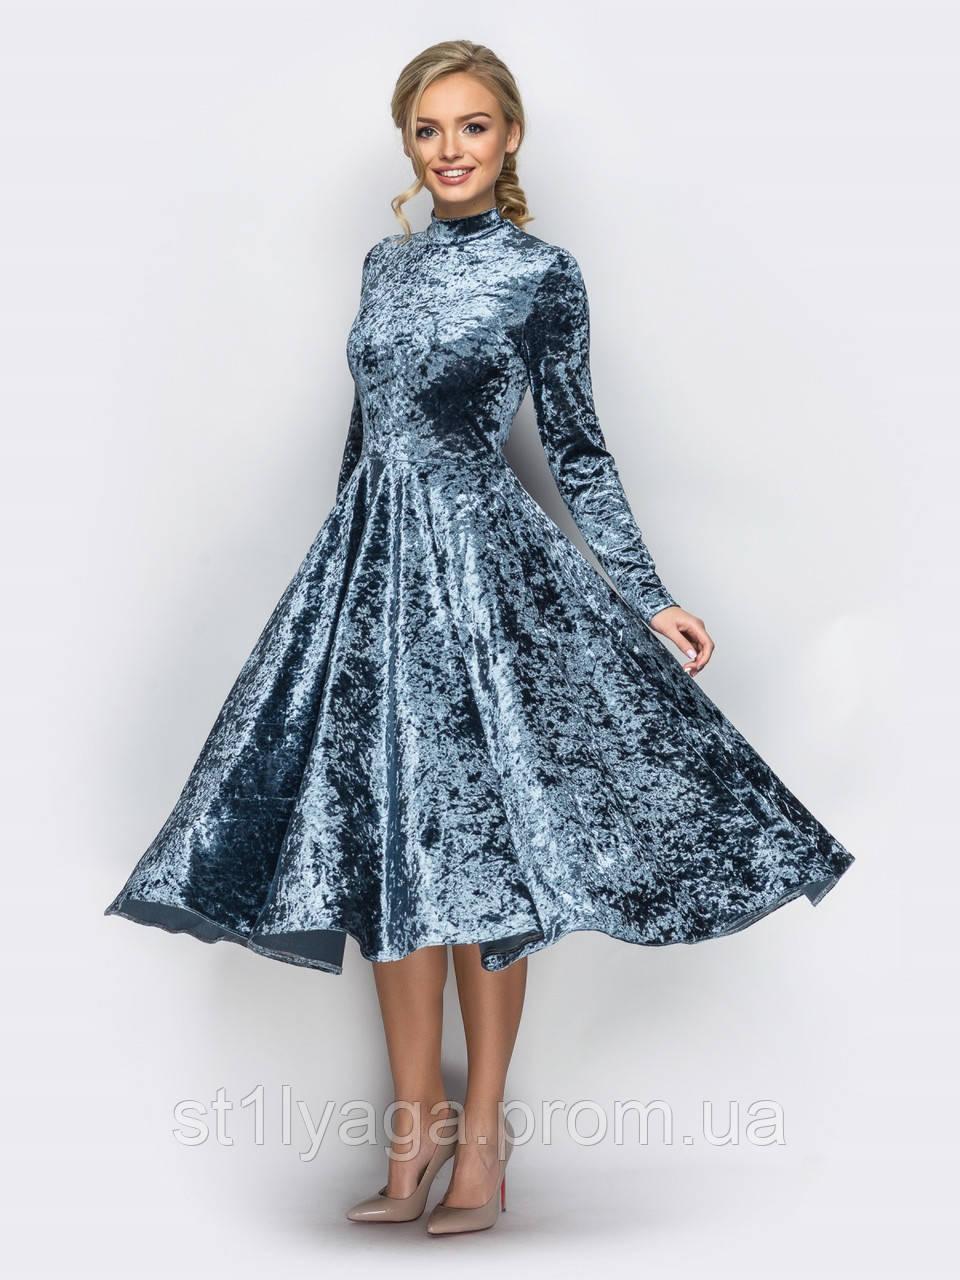 d494fdd7555 Платье с длинными рукавами и пышной юбкой ниже колен из велюра cеро-голубой